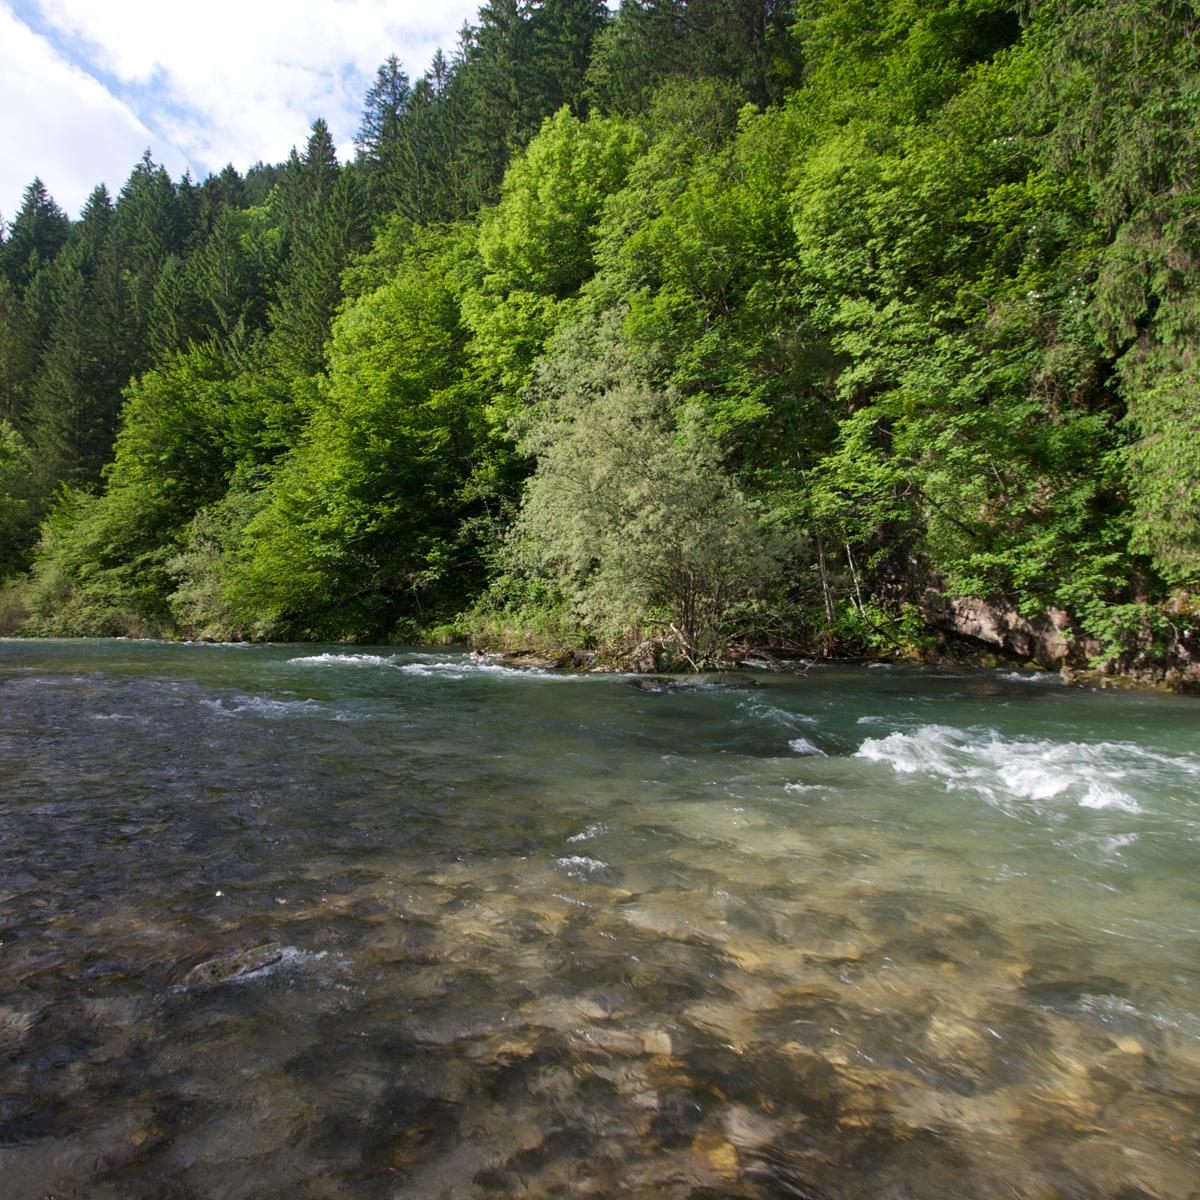 Fluss Savinja in Slowenien